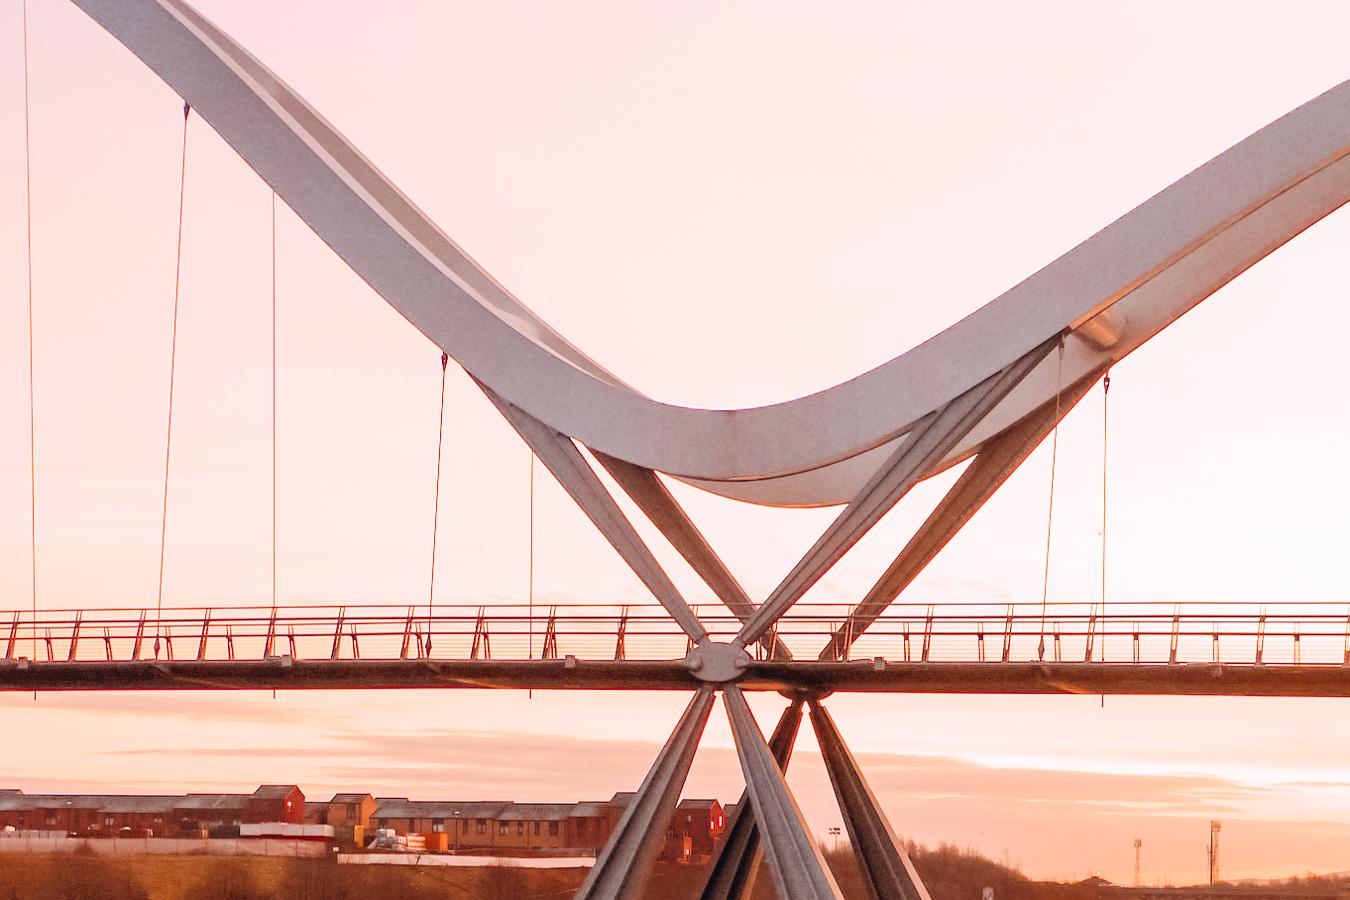 Bridge in Stockton